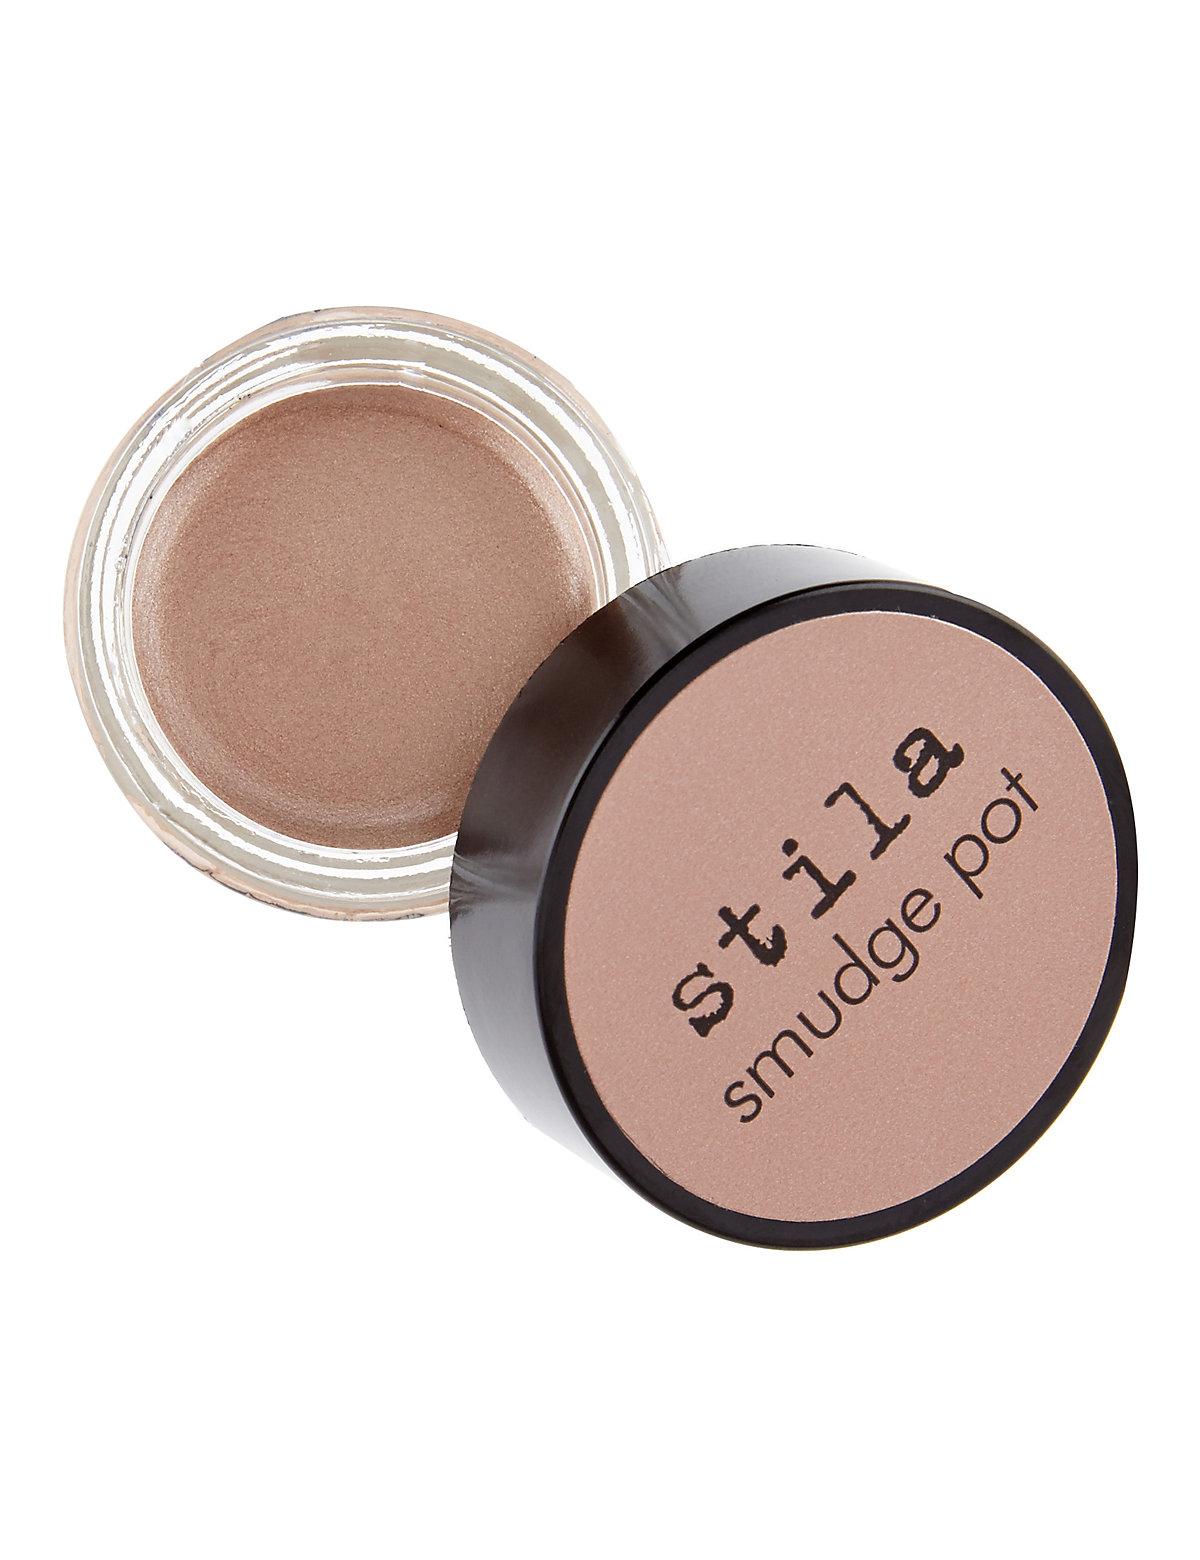 Stila Smudge Pot Eyeshadow 4g